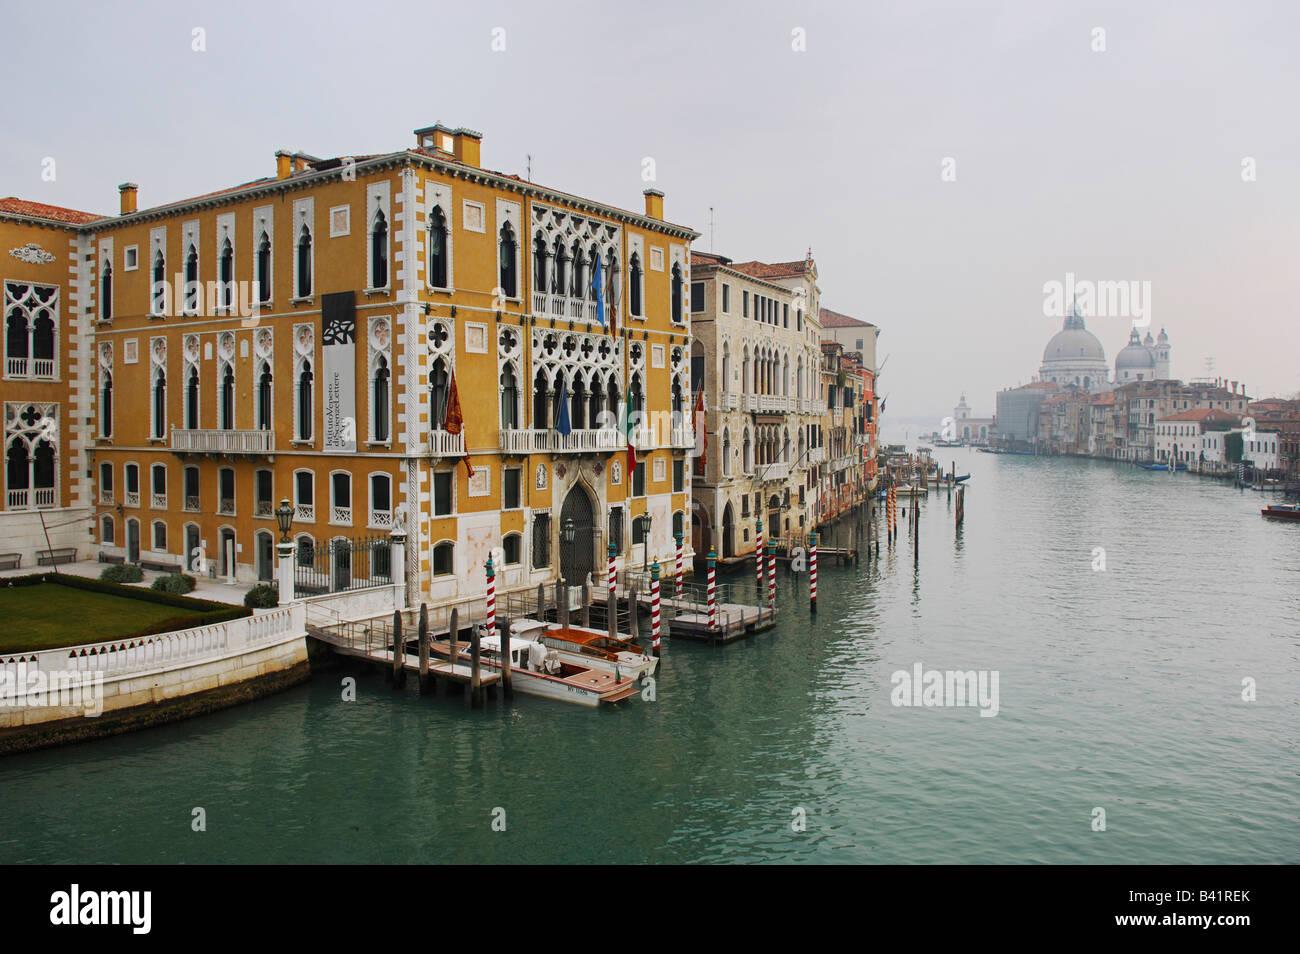 Canal Grande Basilica di Santa Maria della Salute Venedig Italien Europa Stockbild